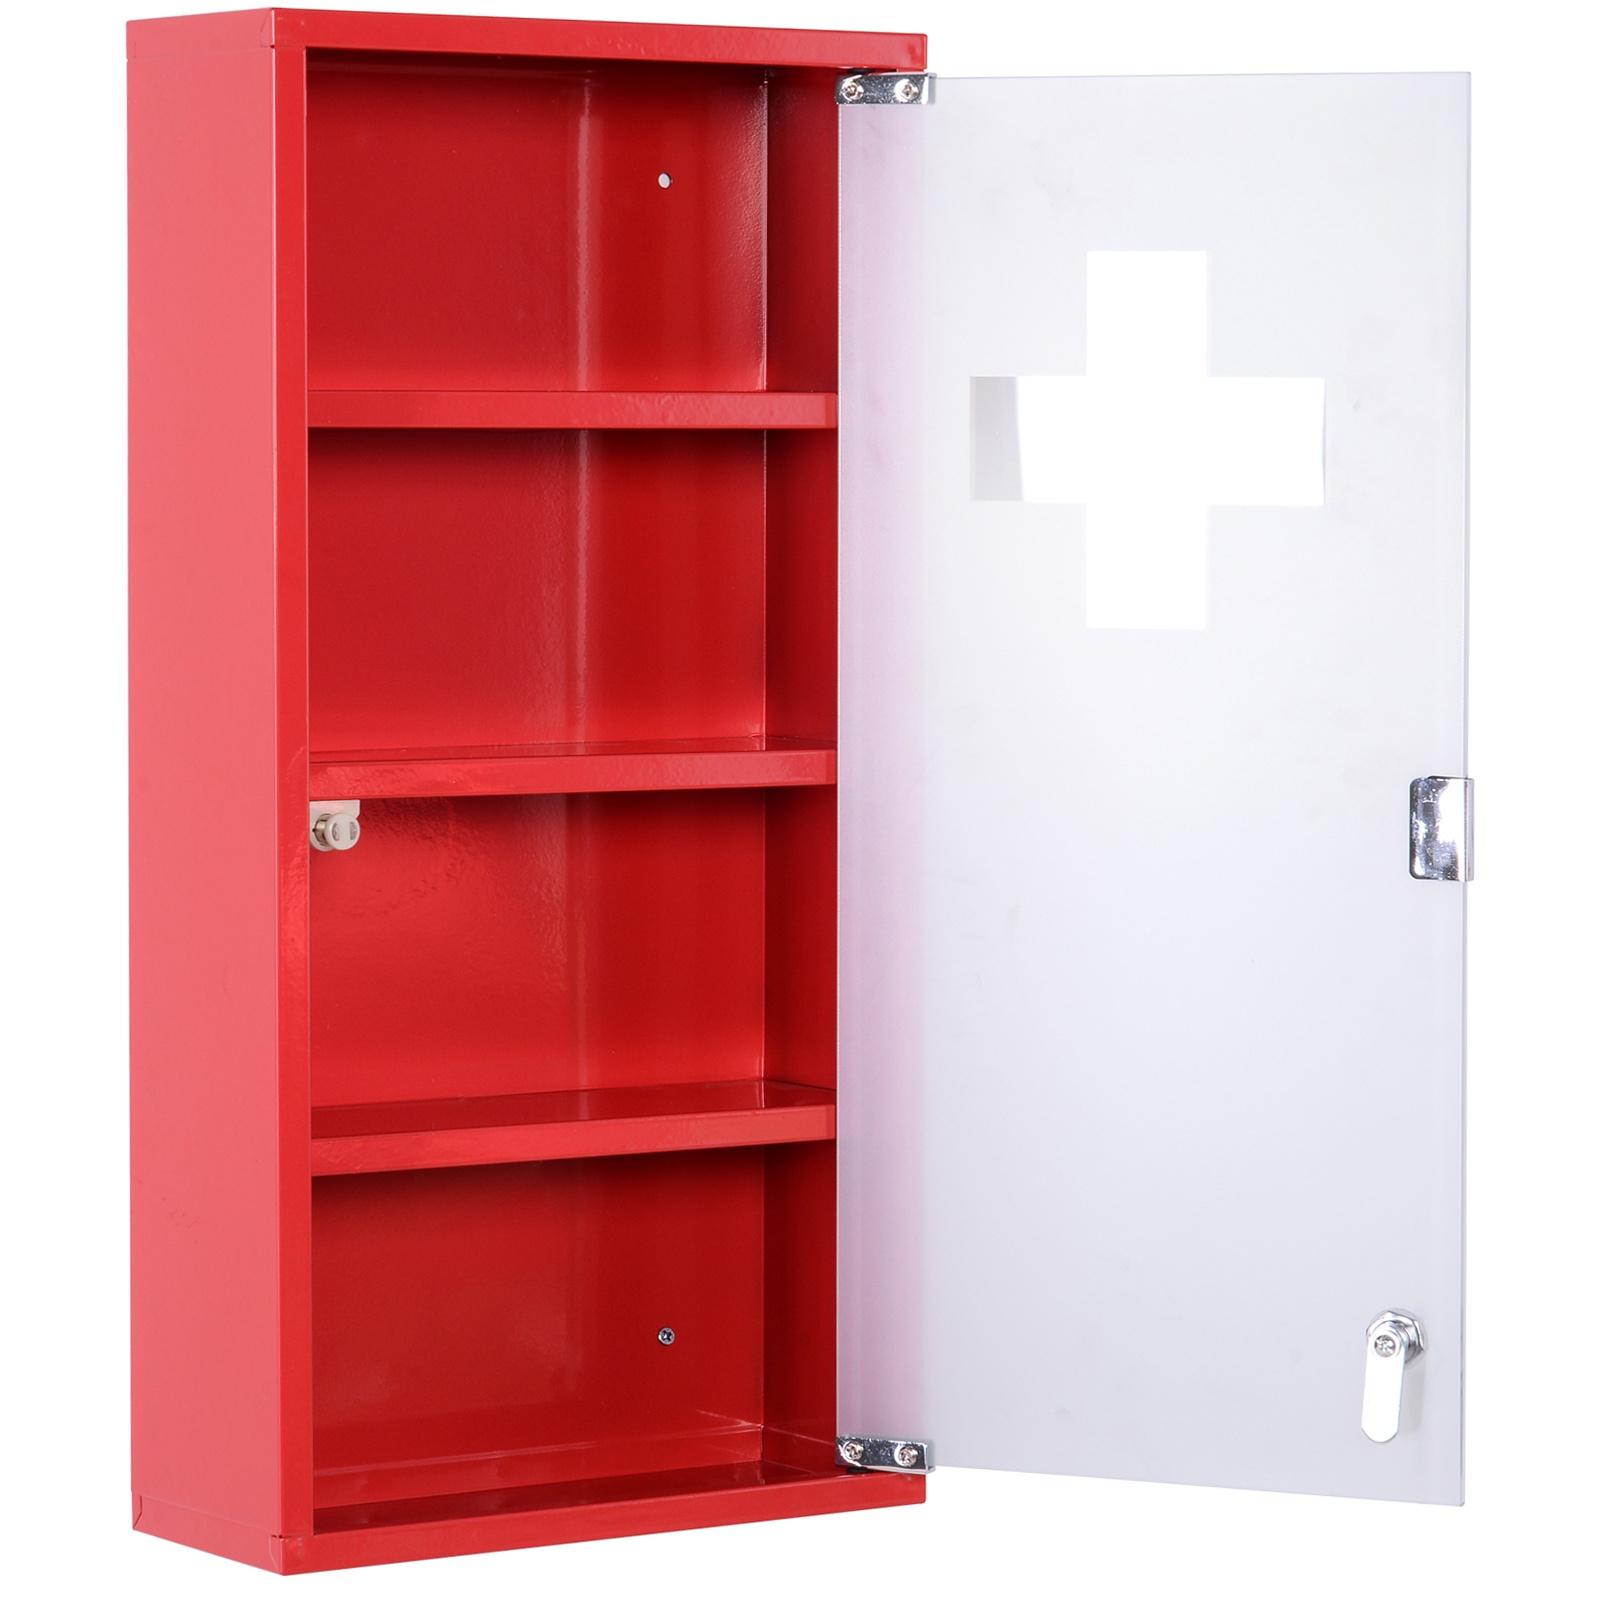 Homcom Dulap Trusa Prim Ajutor pentru Medicamente Rosu, 60x30x12cm imagine aosom.ro